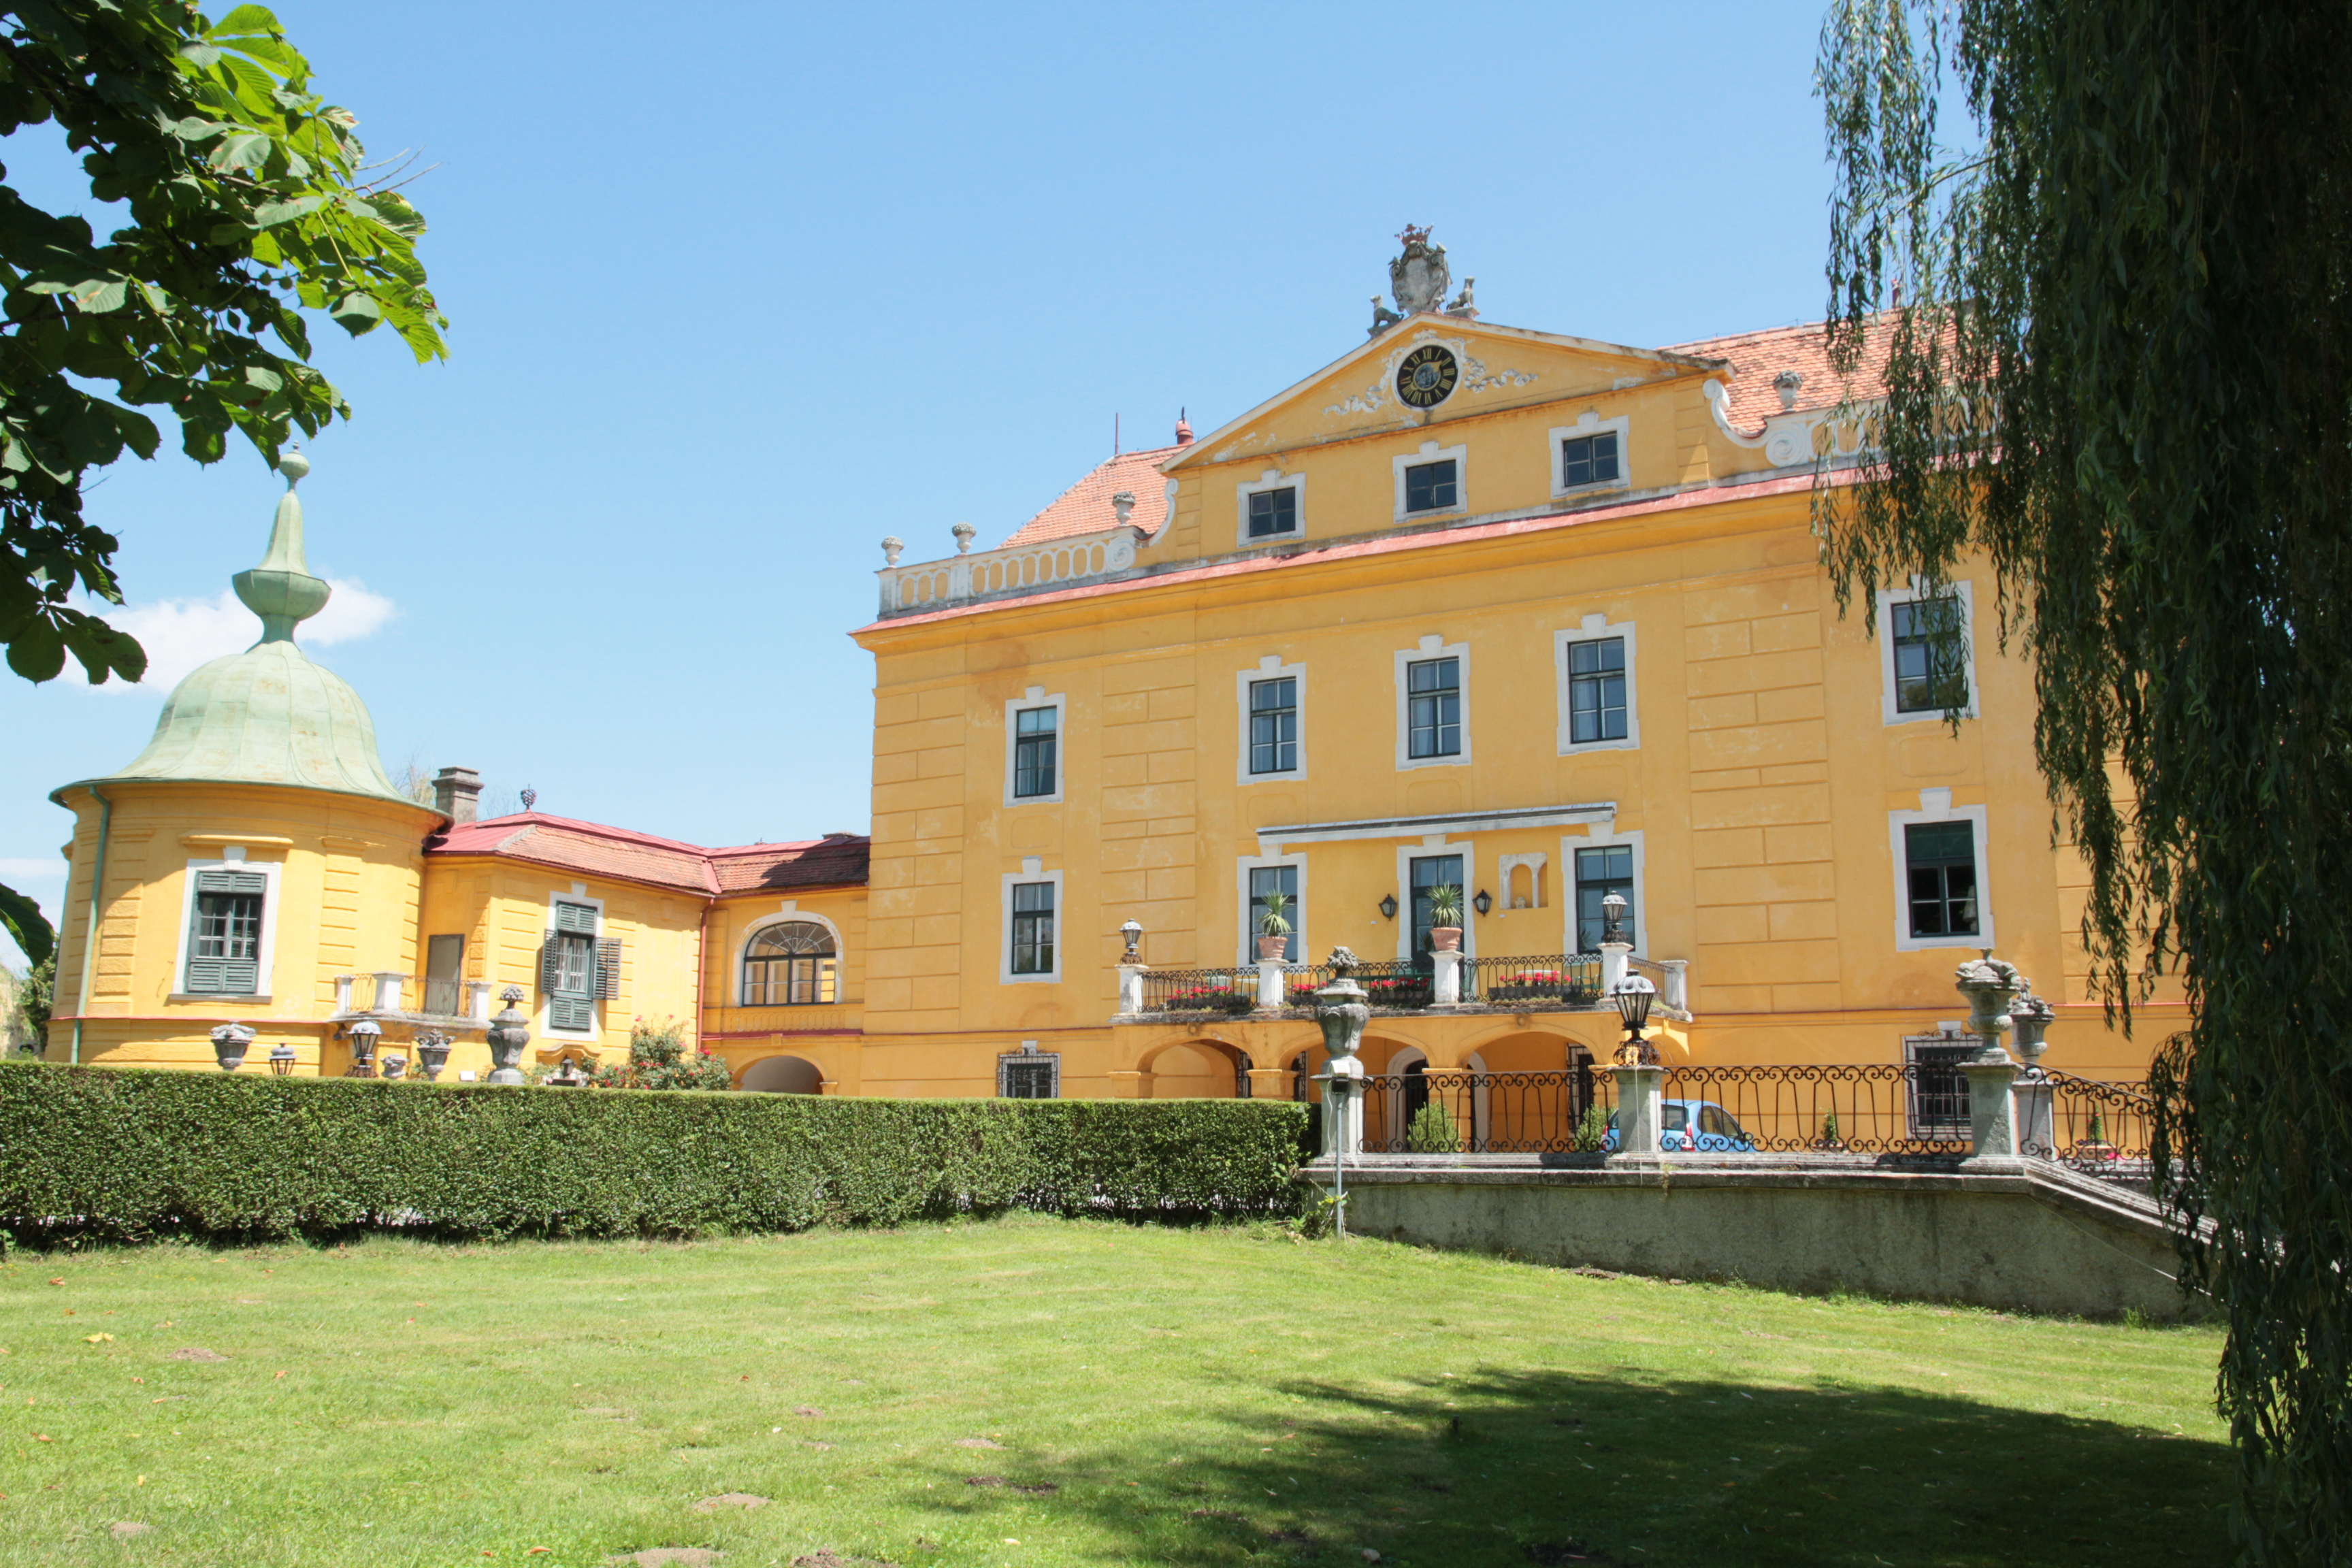 Appartement de vacances Luxuriöses, einzigartiges barockes Schloss, aufwendig eingerichtet (2306589), St. Pölten, Mostviertel, Basse Autriche, Autriche, image 2